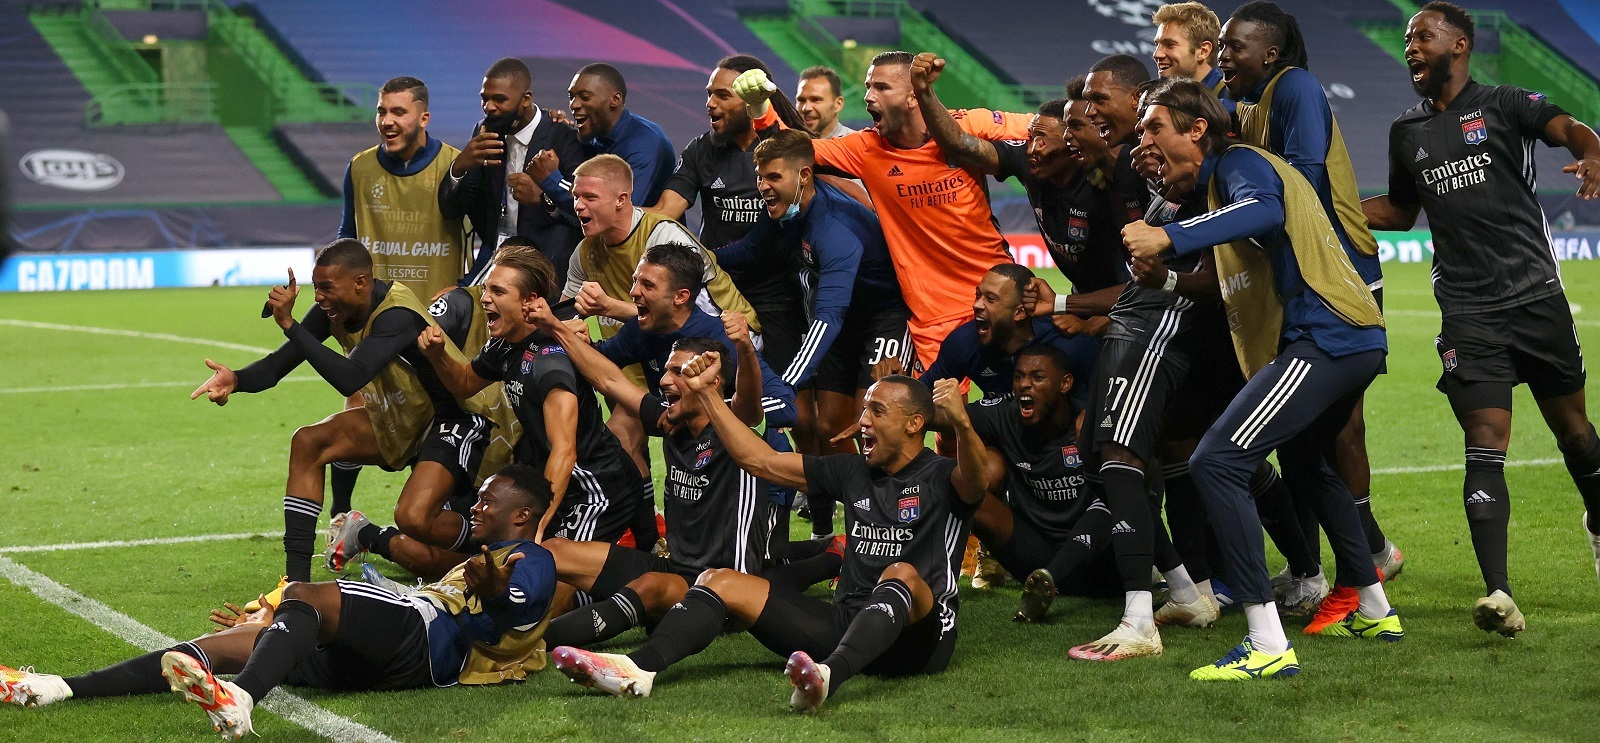 si le PSG bat l'OL en finale, Lyon peut-il obtenir son billet pour la prochaine édition?